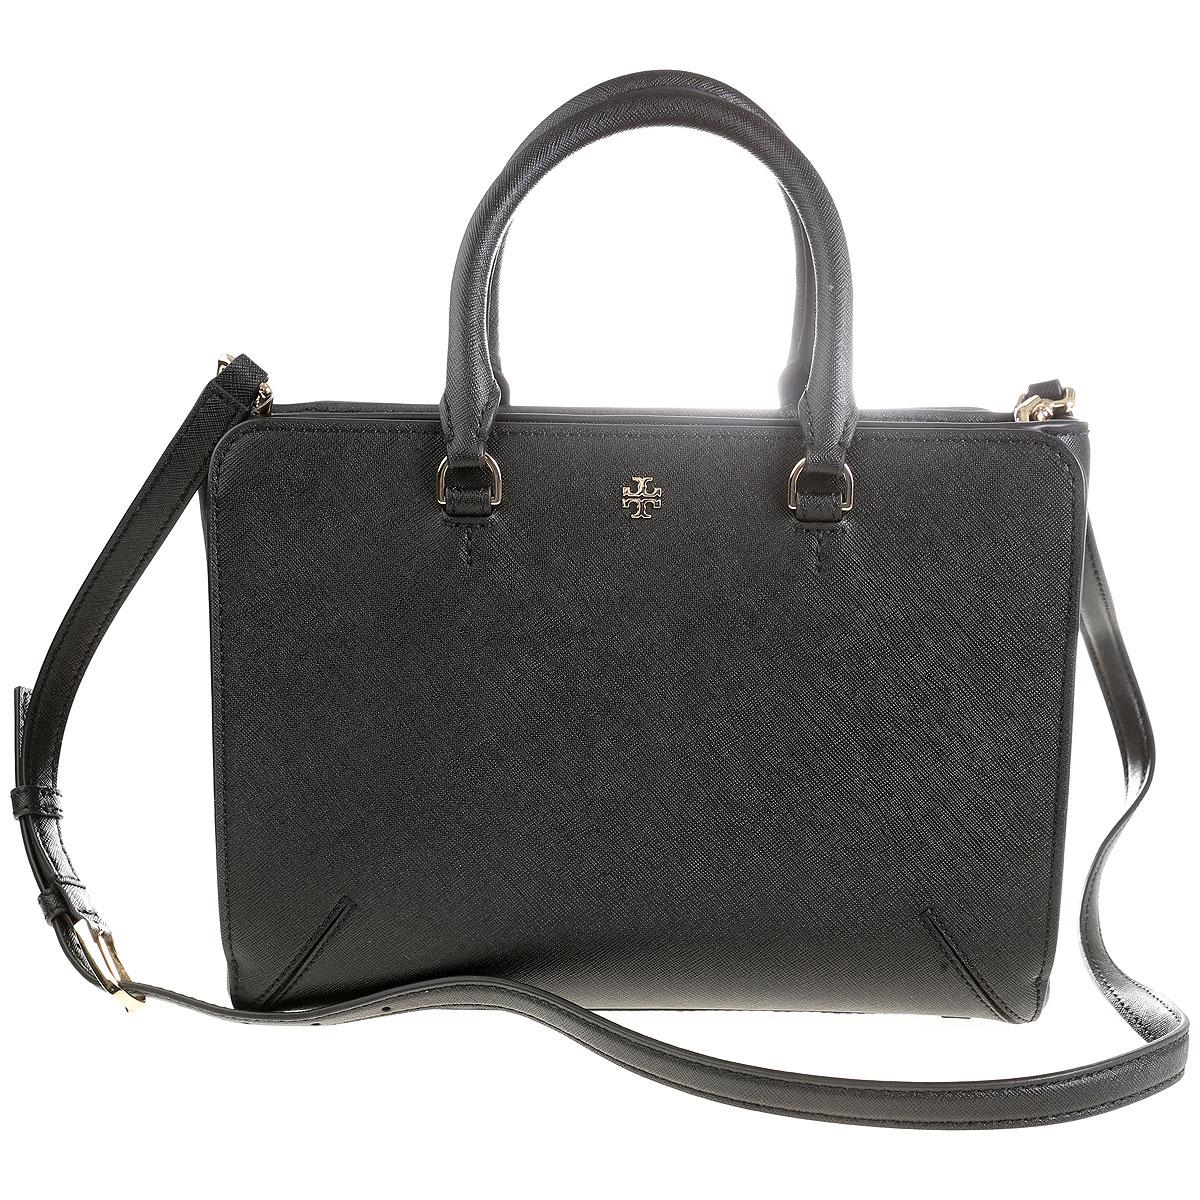 Tory Burch Top Handle Handbag On Sale, Black, Leather, 2017 USA-355466